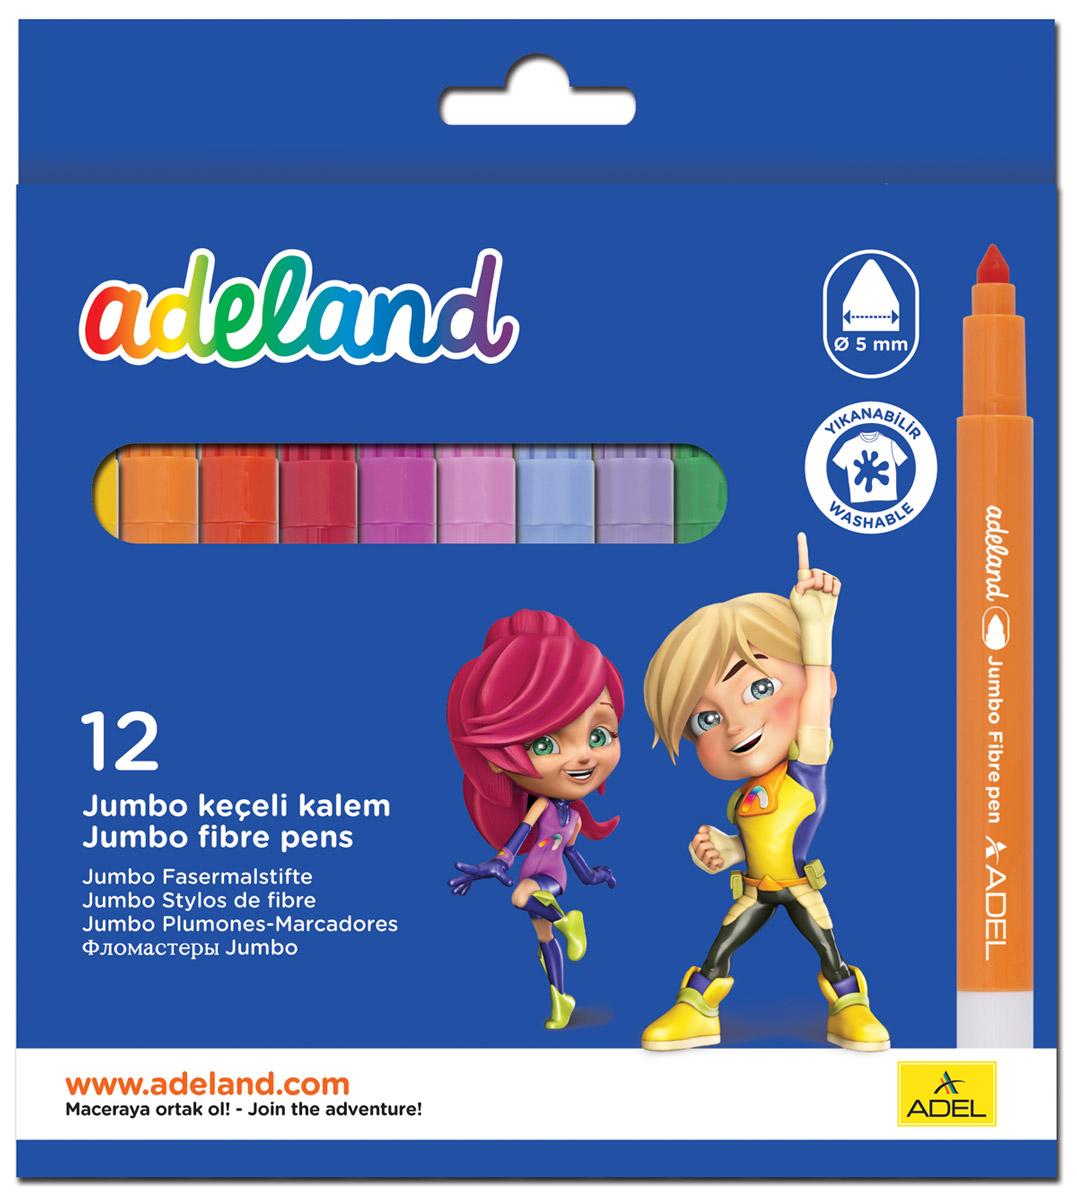 Adel Набор цветных фломастеров Adeland Jumbo 12 шт58-8328Цветные фломастеры Adel Adeland созданы специально для детей, любящих рисовать. Каждый фломастер оснащен вентилируемым колпачком и заправлен быстро сохнущими чернилами, которые легко смываются со многих текстильных материалов. Они прекрасно подходят для рисования, письма или раскрашивания на бумаге или картоне. Набор состоит из 12 фломастеров.Коробка оформлена изображением героев Adelia и Hiro из турецкого мультфильма Renk Koruyuculari.Не рекомендуется детям до 3-х лет.